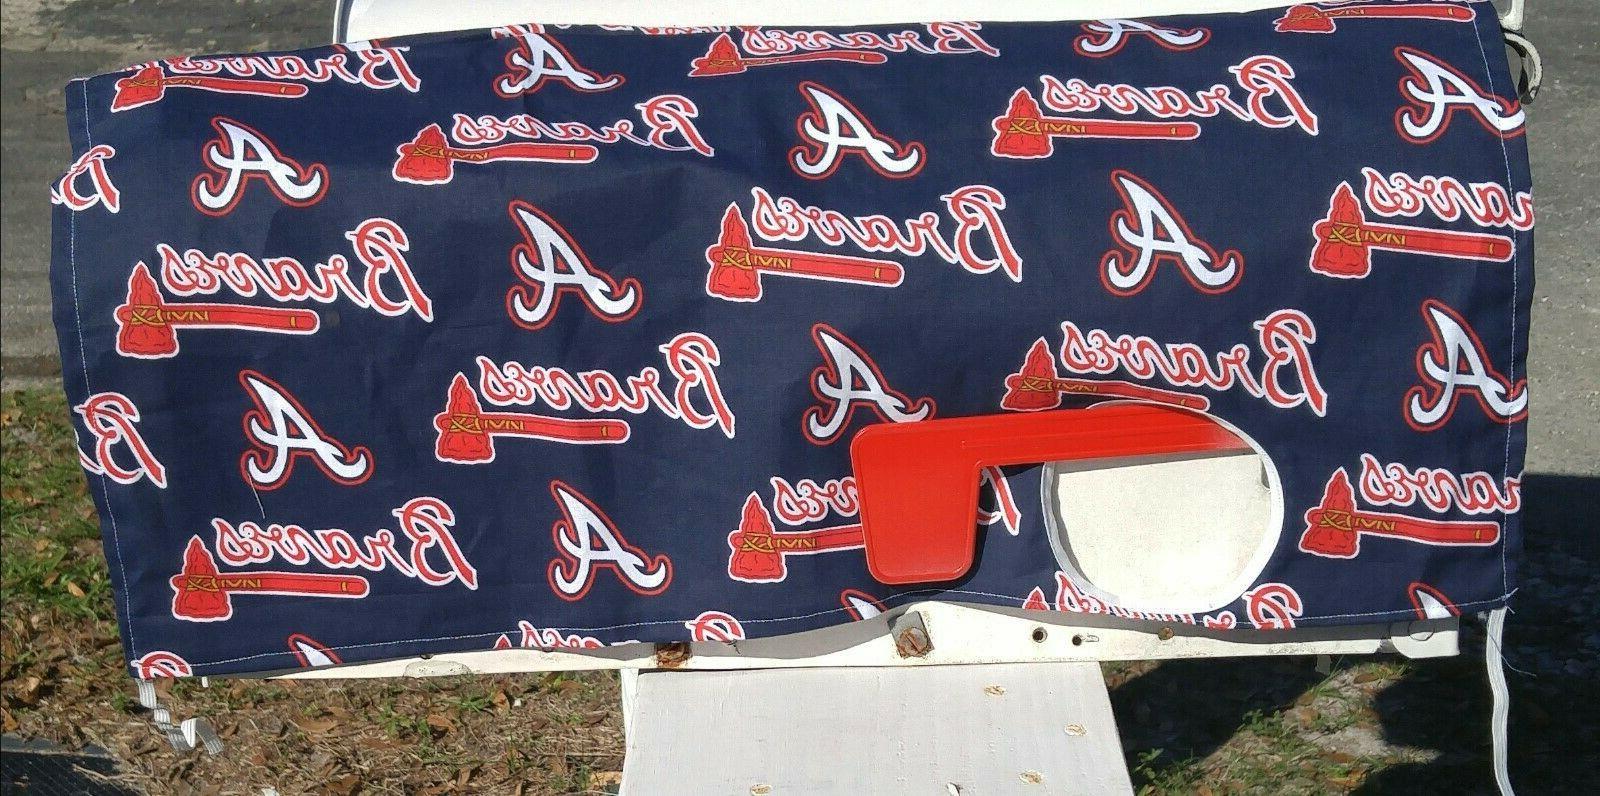 mlb baseball mailbox cover atlanta braves